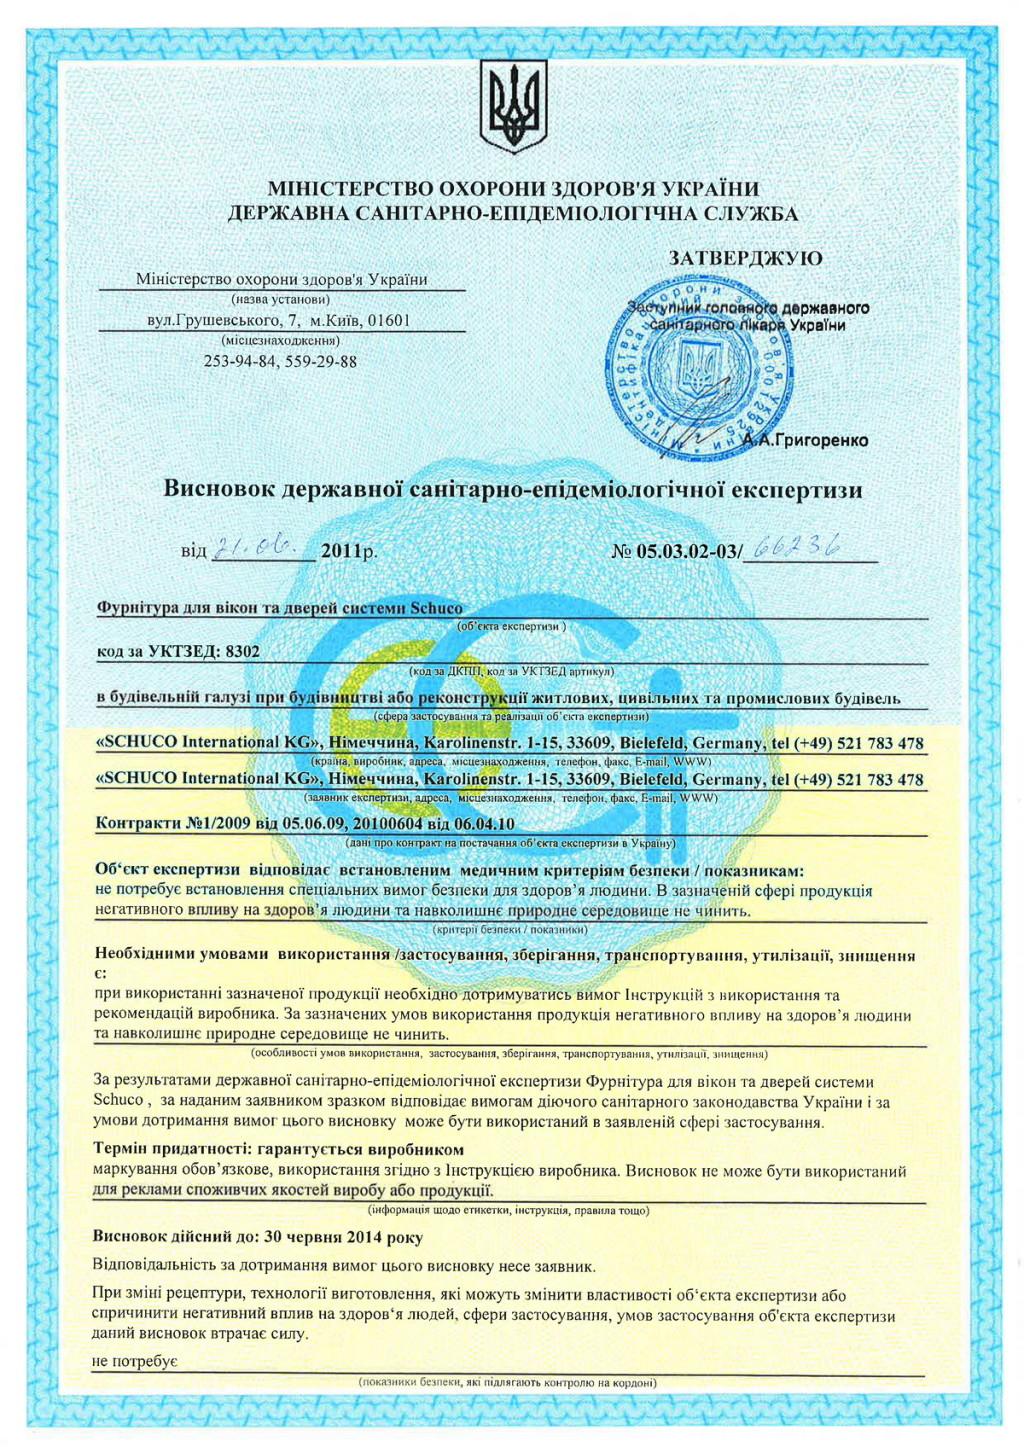 Сертификат гигиены на фурнитуру SCHUCO